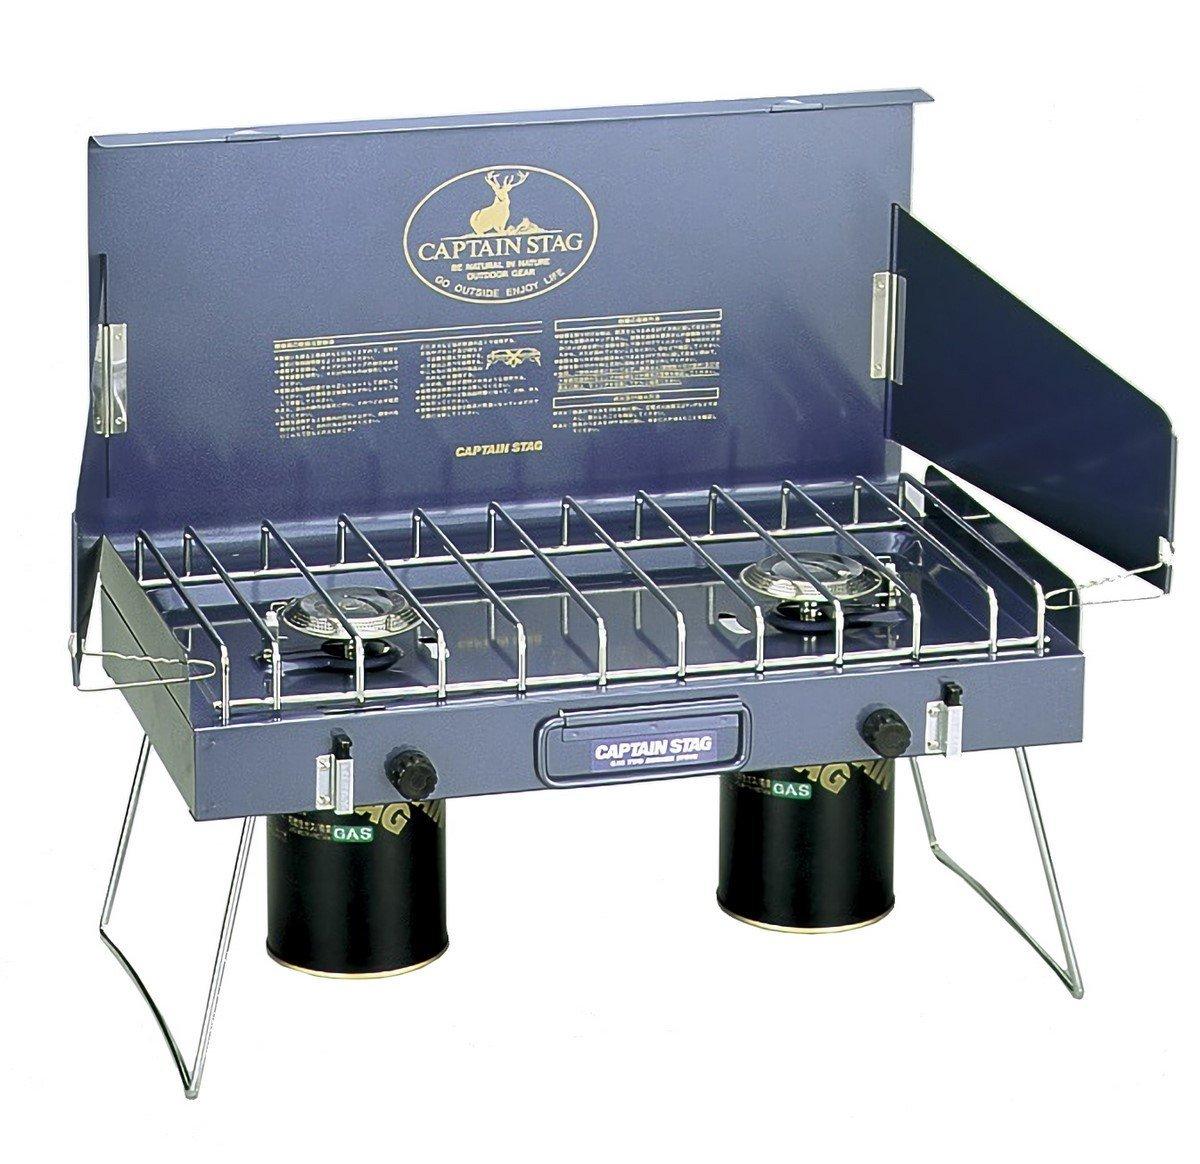 キャプテンスタッグ バーベキュー BBQ用 ステイジャーコンパクトガスバーナーコンロM-8249